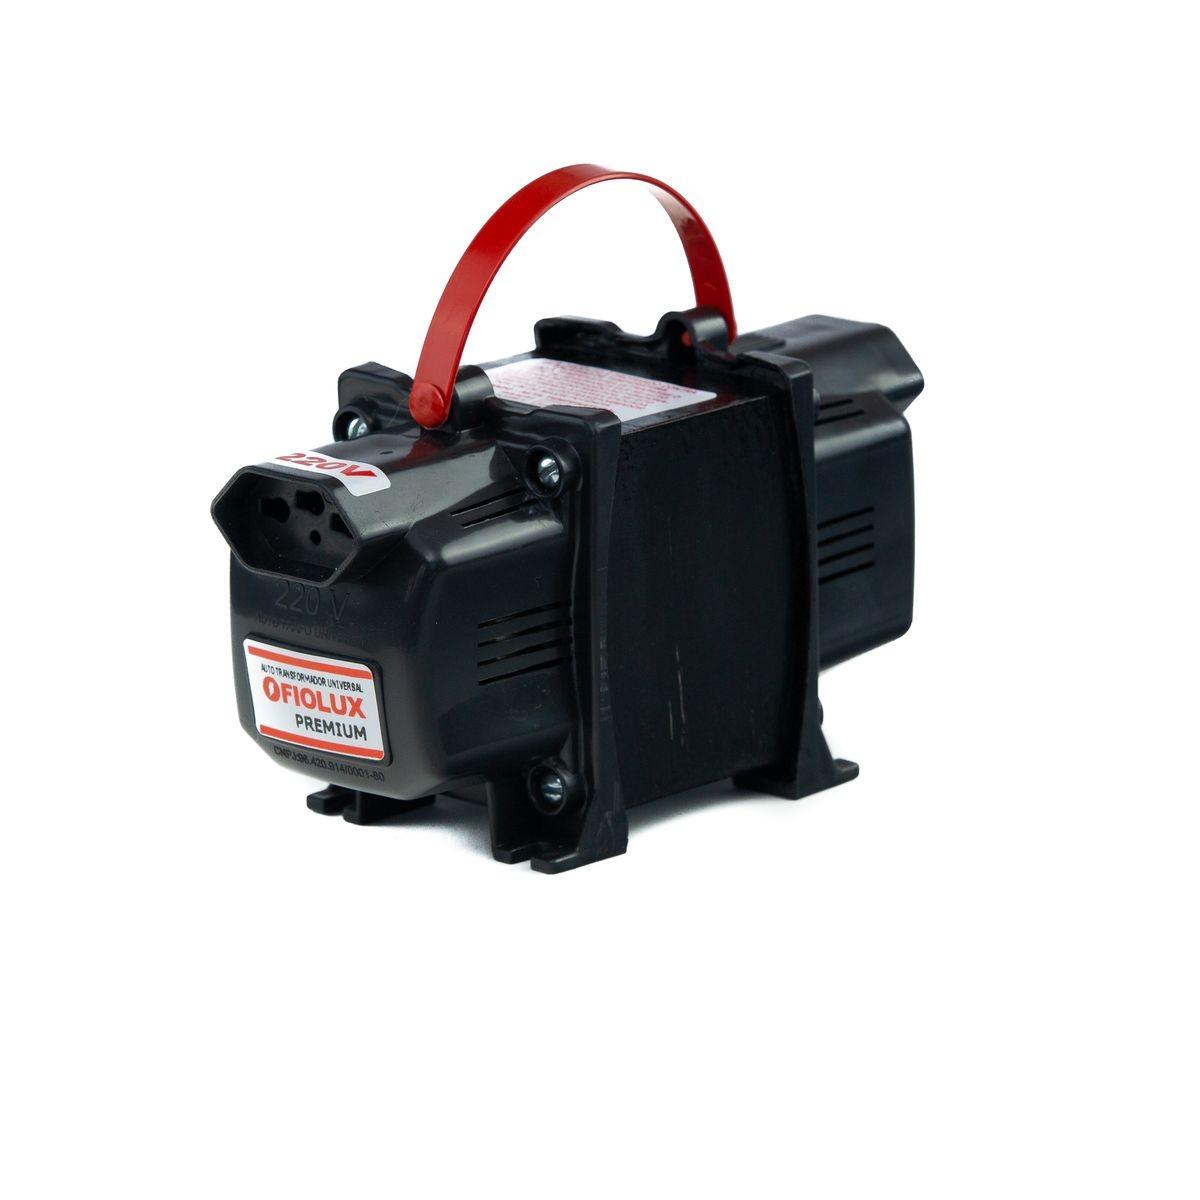 Transformador Fiolux Premium Tripolar 200VA Bivolt 110/220 e 220/110 Ref: 200 VA